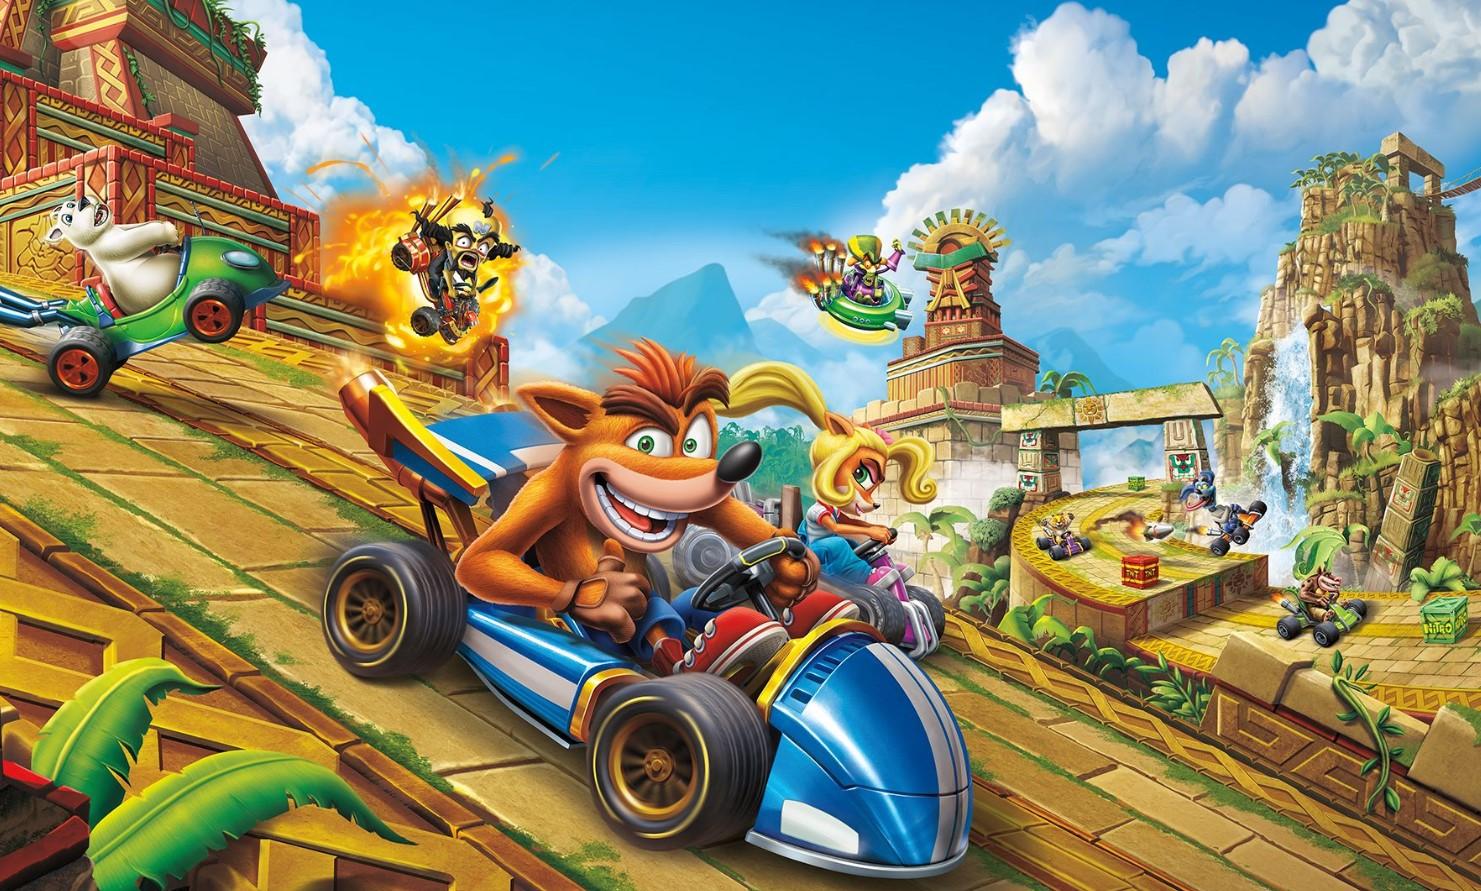 Novedades de la semana: Crash Team Racing nunca será Mario Kart pero vuelve para levantar la semana post E3